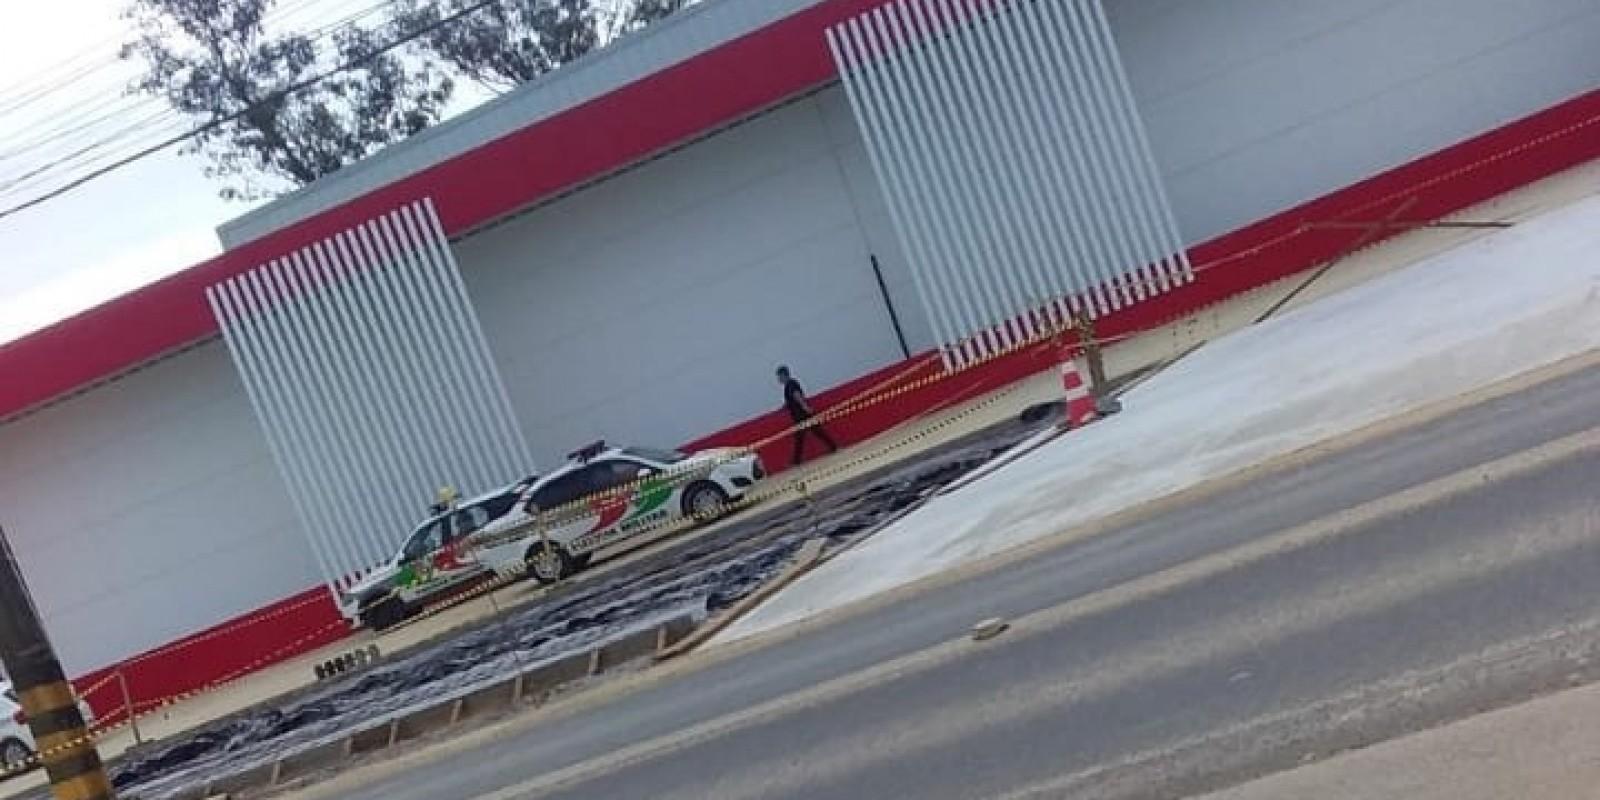 Adolescentes em forro de Loja de Atacados geram tumulto e falsa noticia de assalto